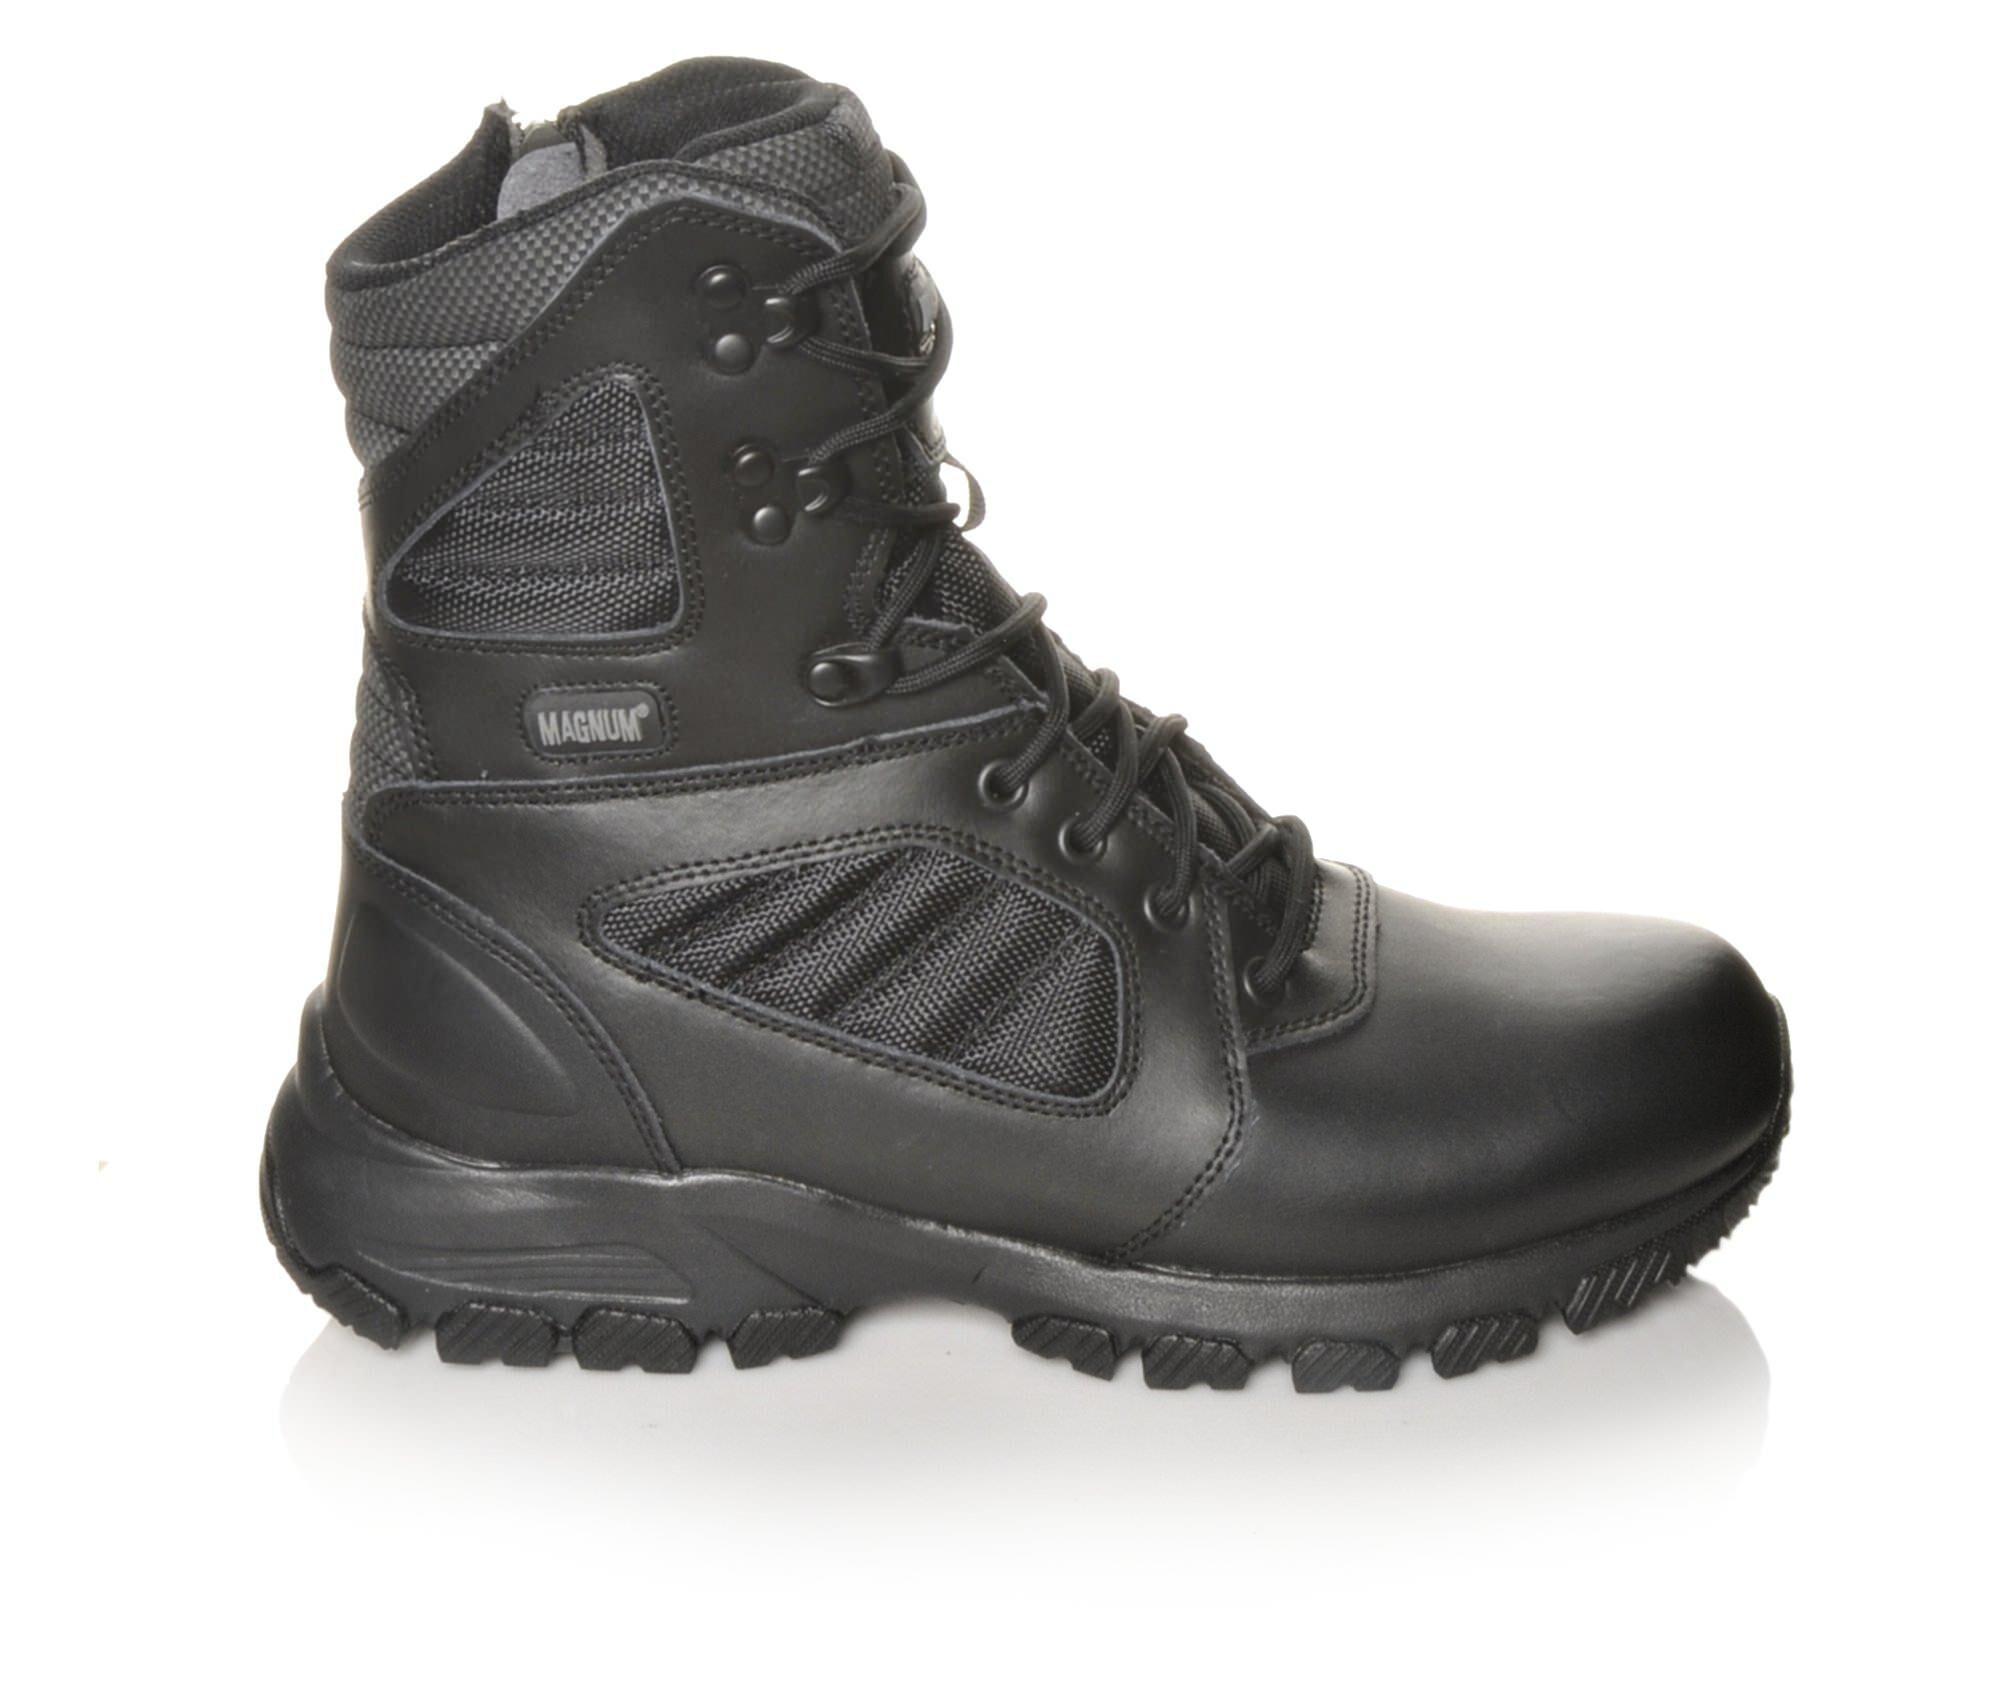 Men's Work Boots/Magnum Response III 8 0 SZ Black